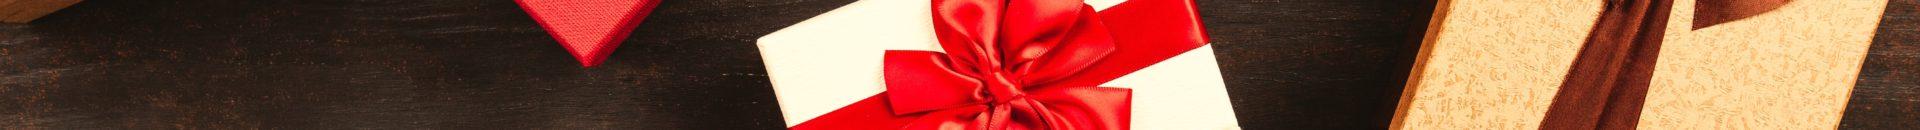 Tre regali culturali da fare a Natale